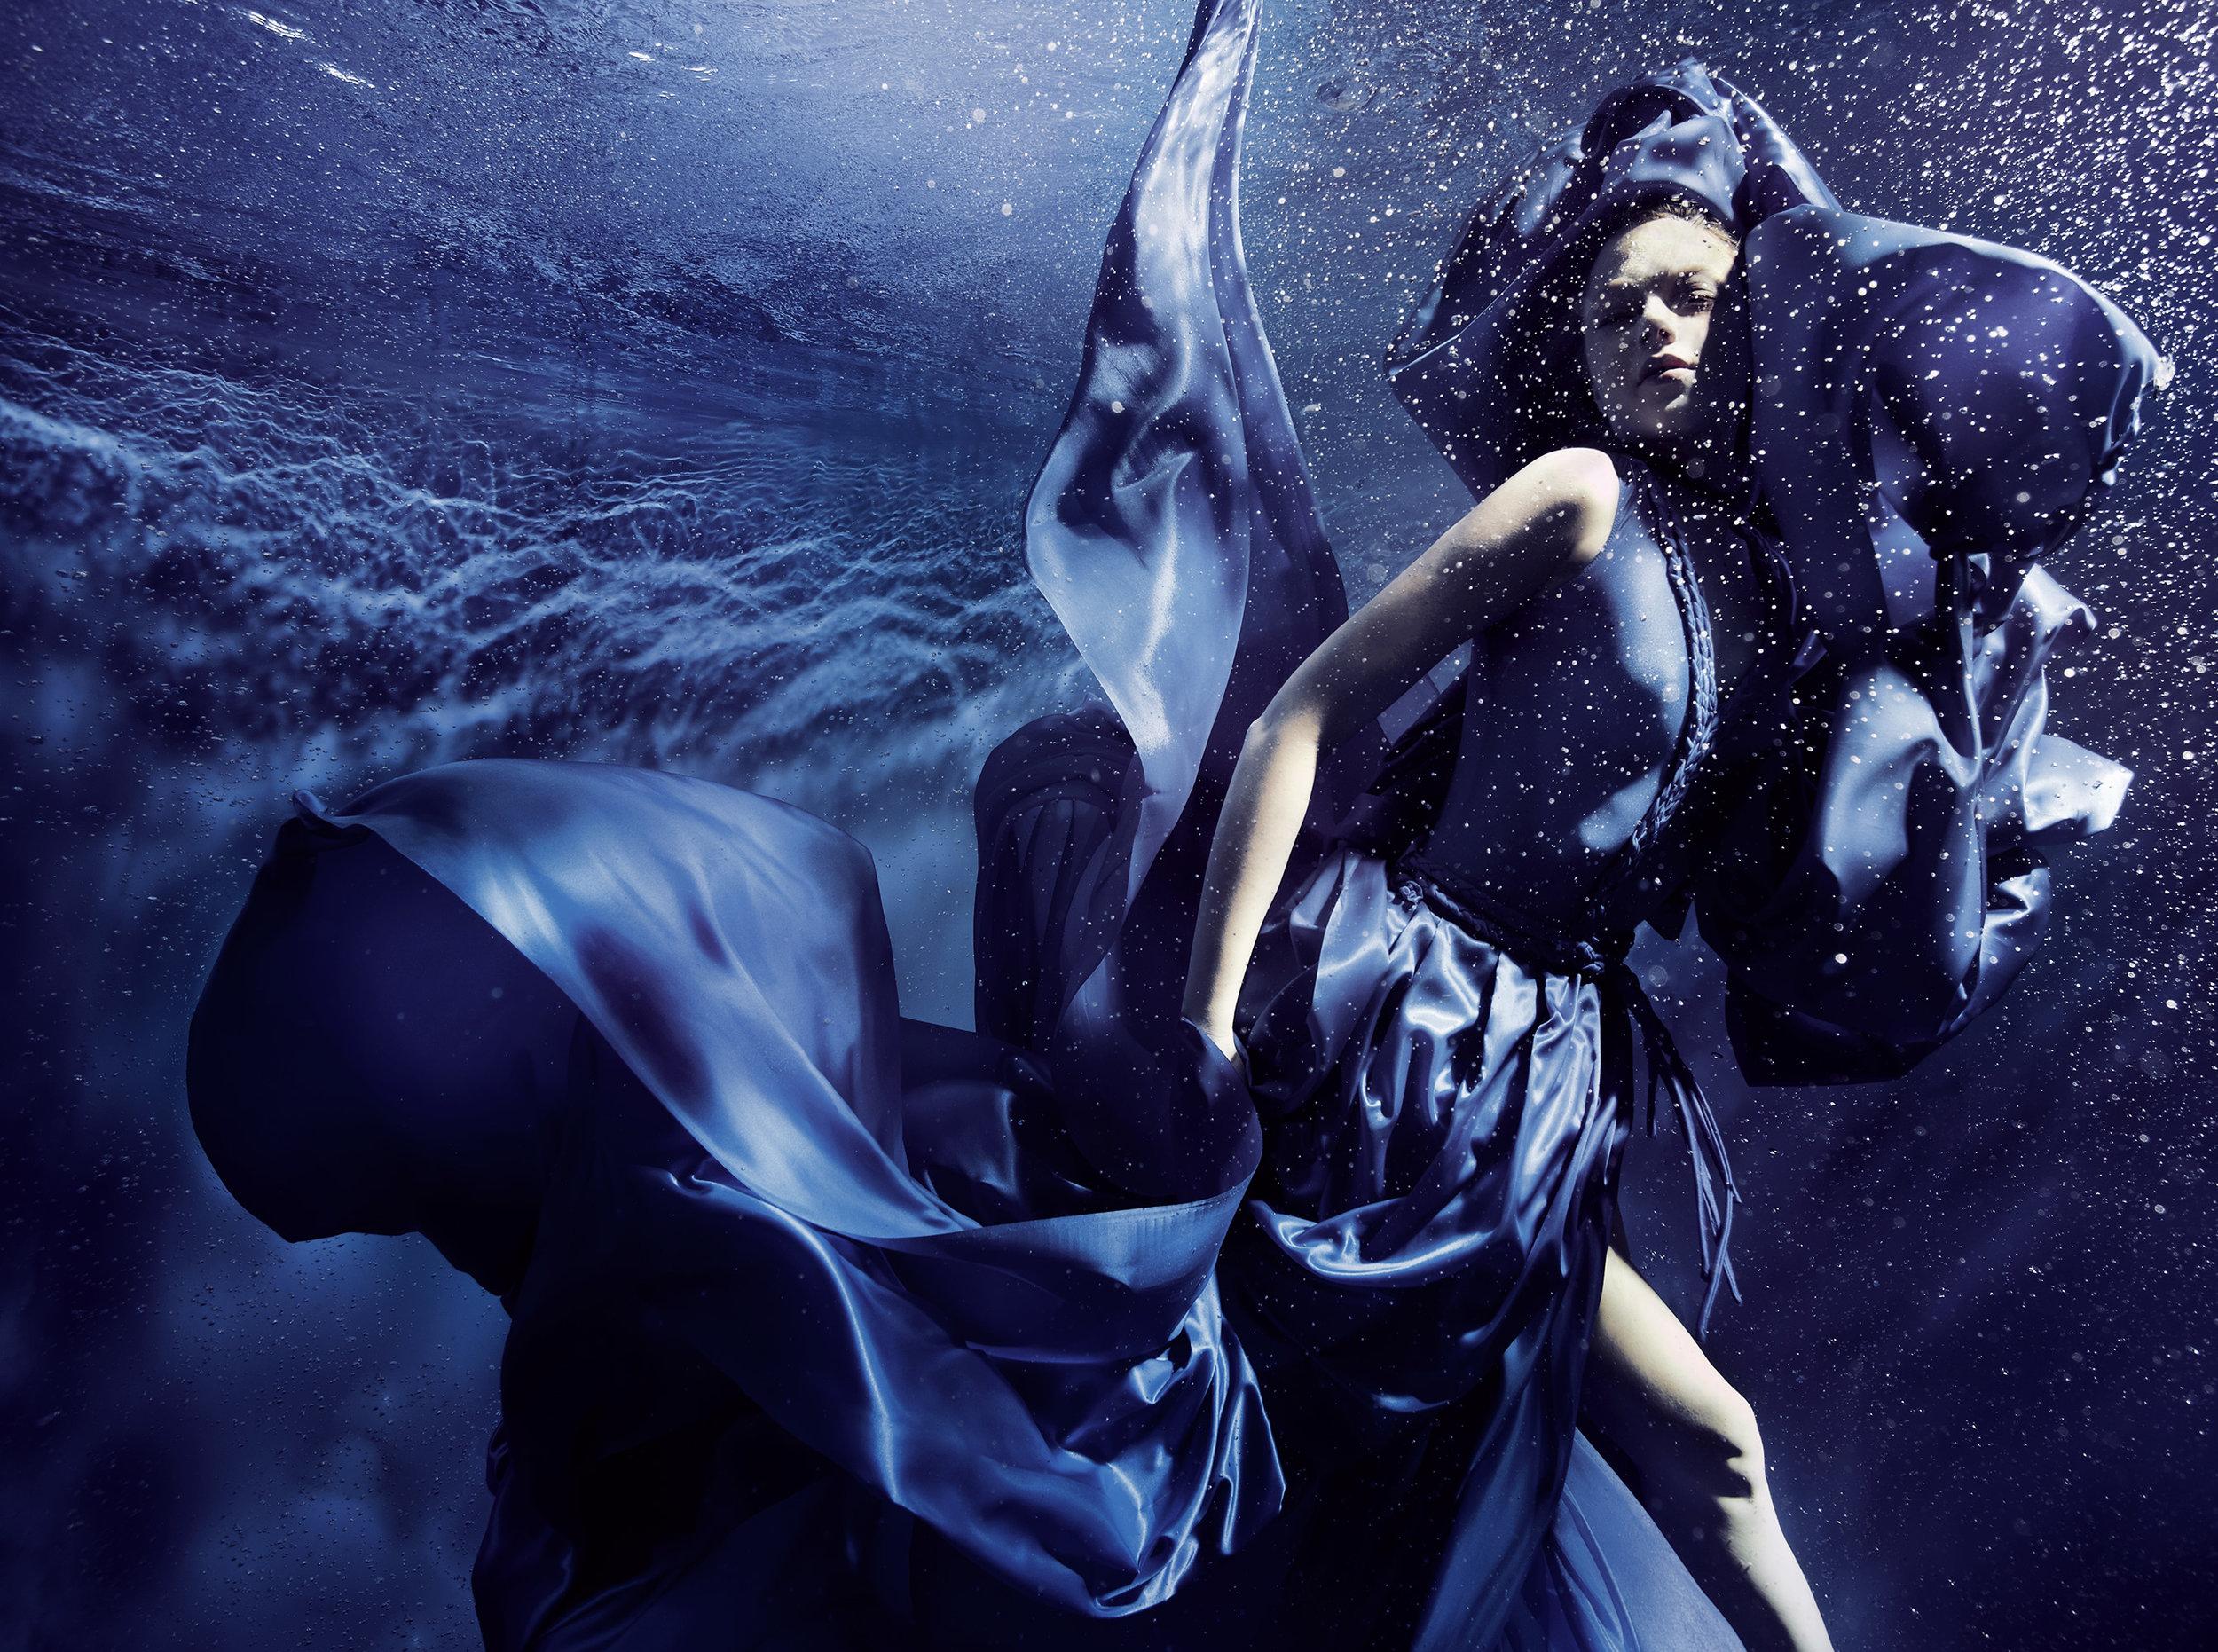 Susan Stemmer girl dancing underwater in blue